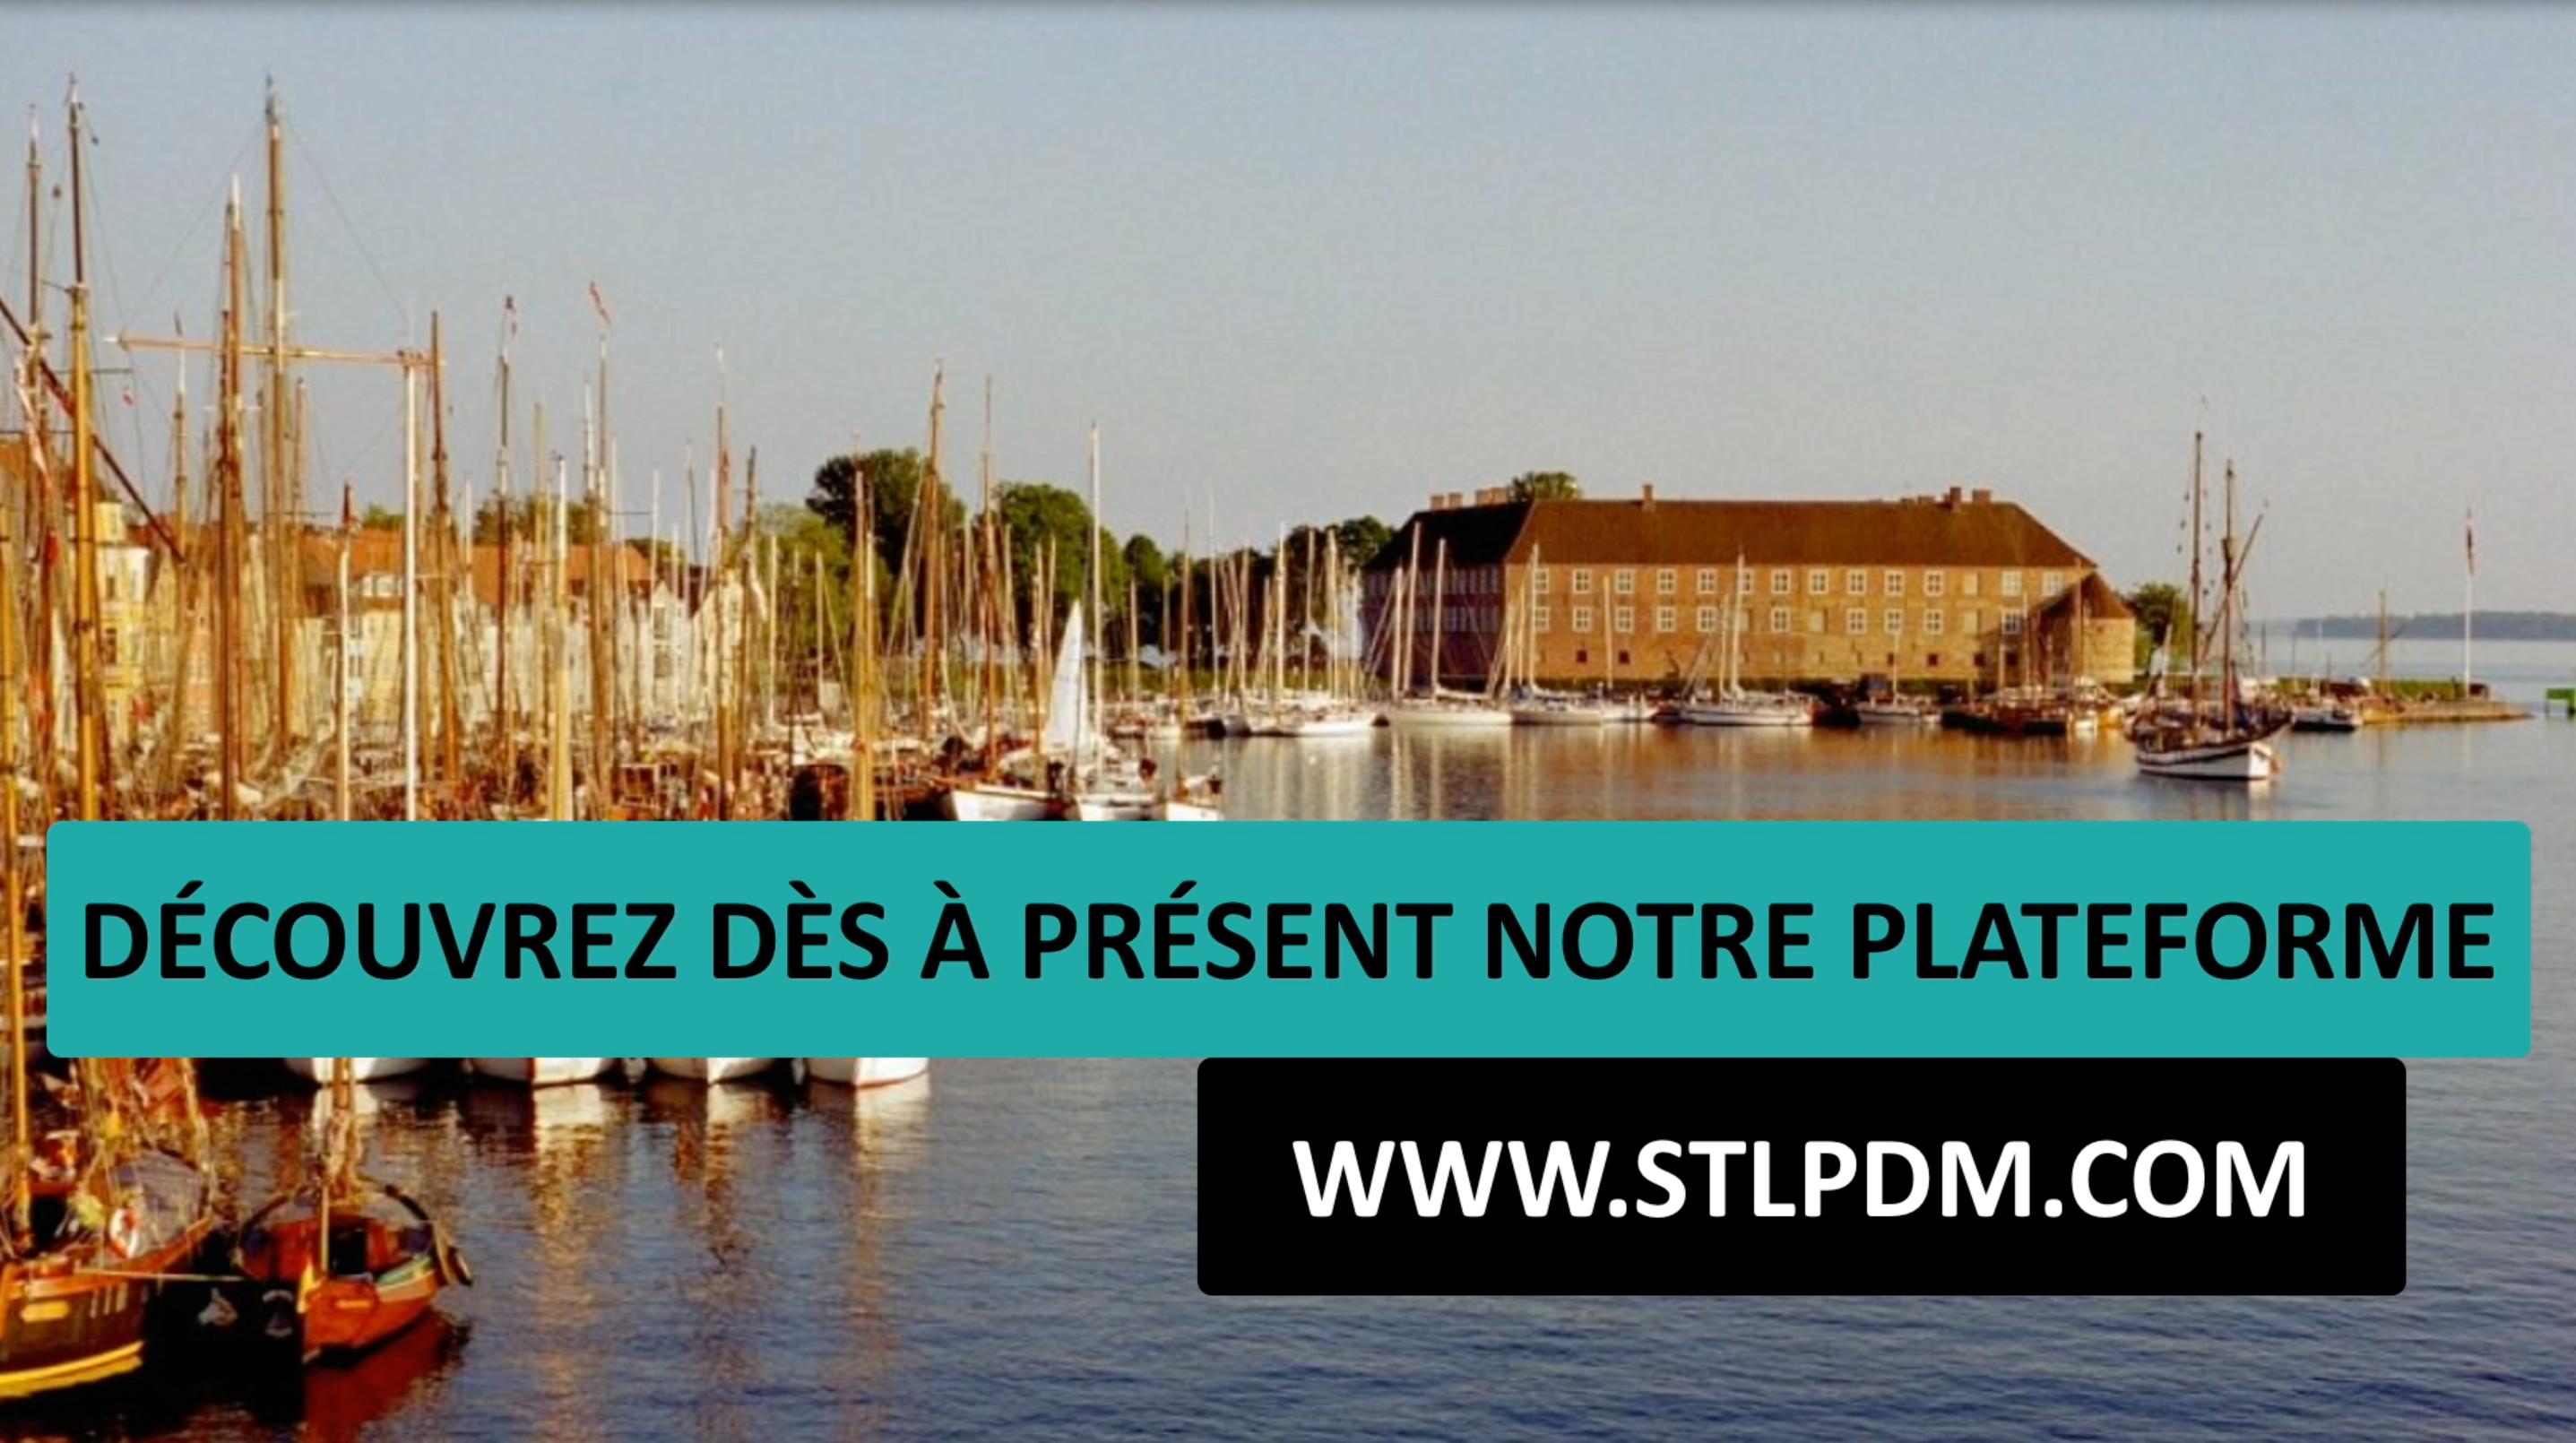 Presentation of our new platform STLPDM.com